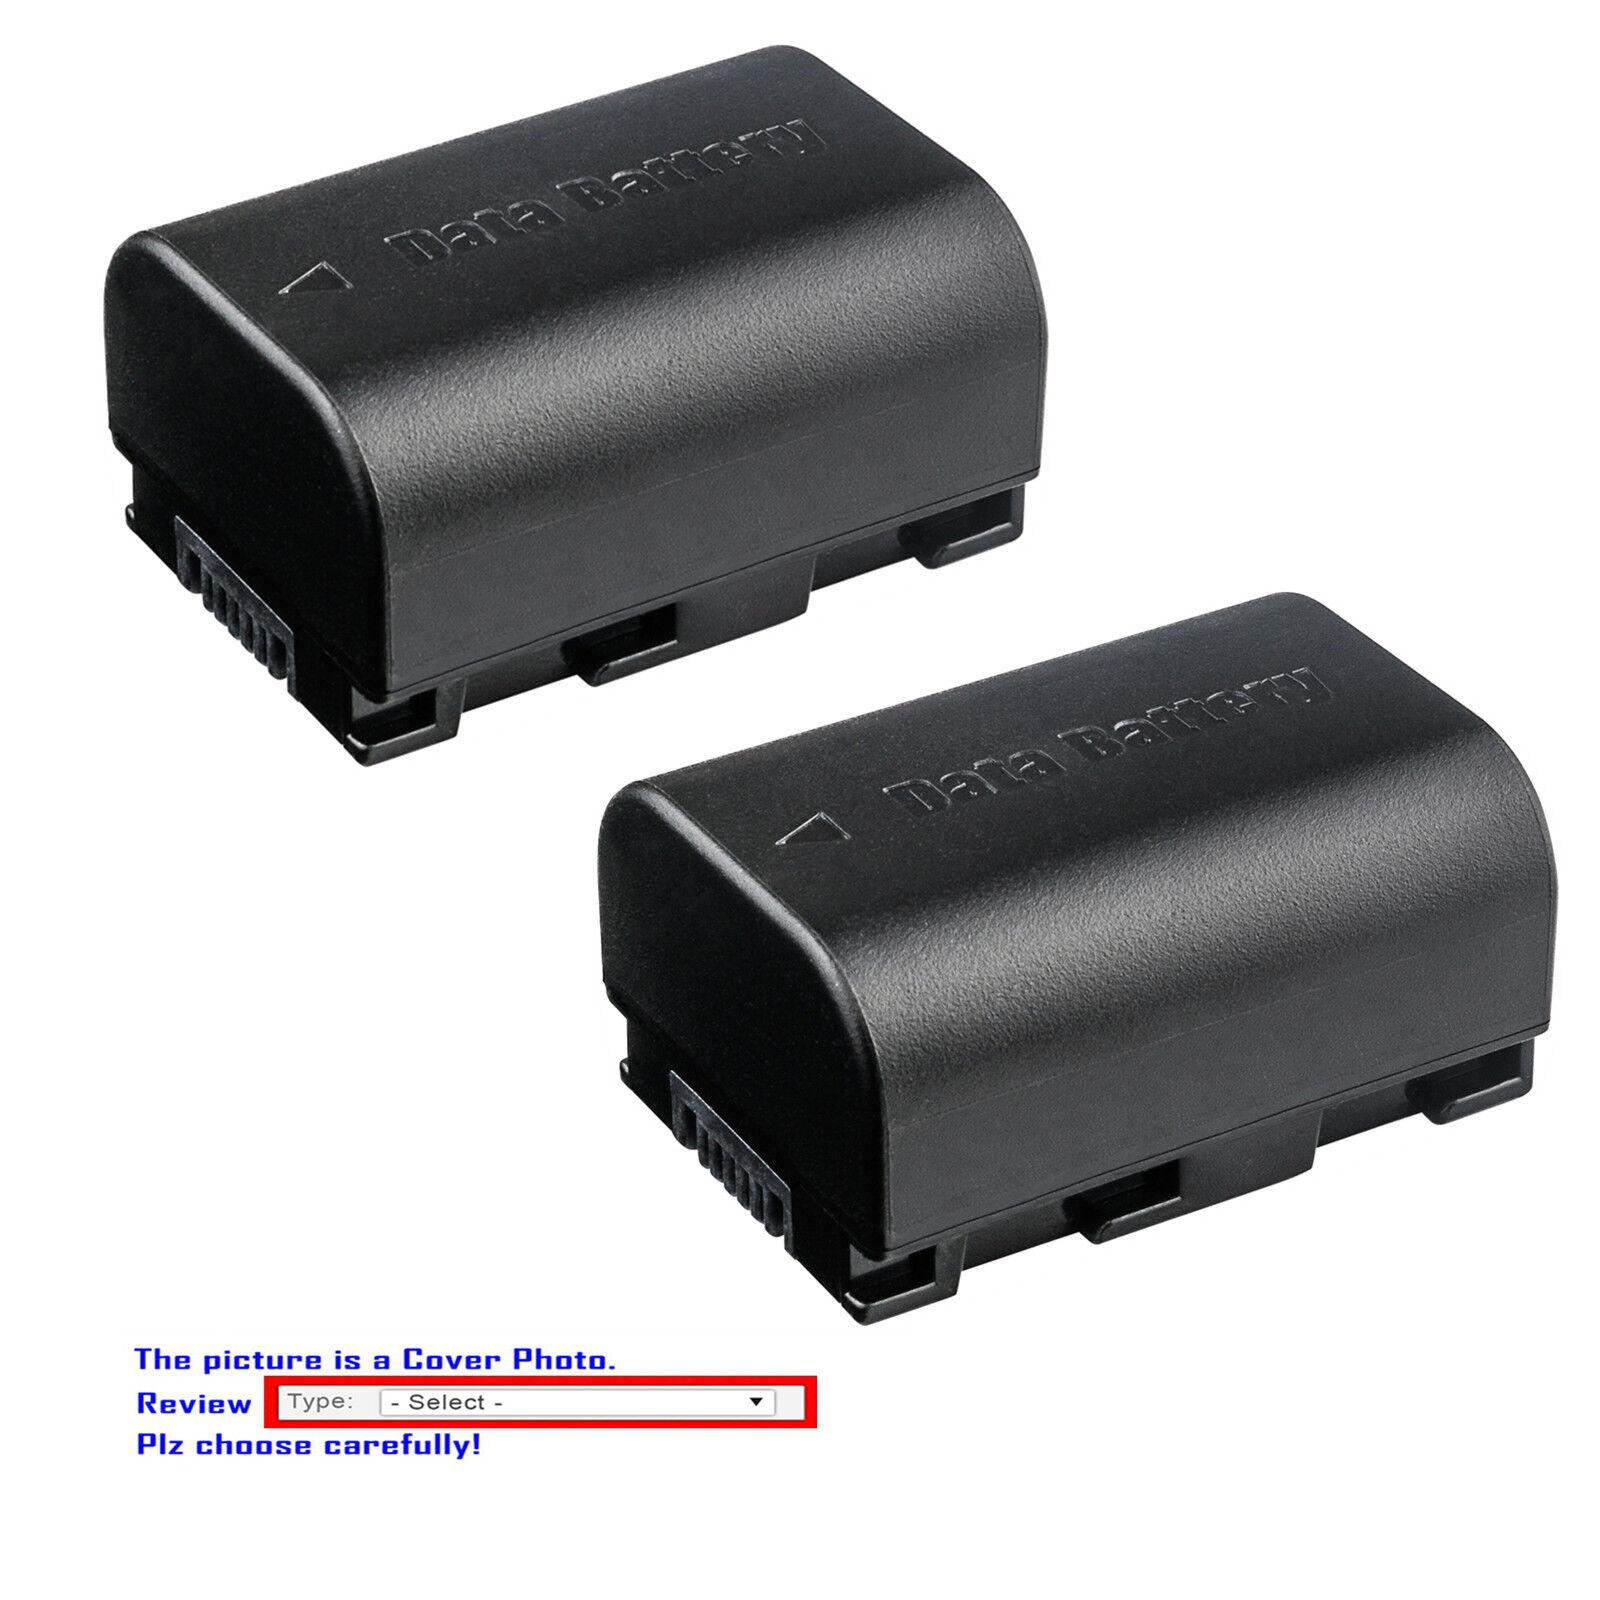 ghdonat.com Camcorder Accessories Accessories GZ-HM340BU HD Flash ...